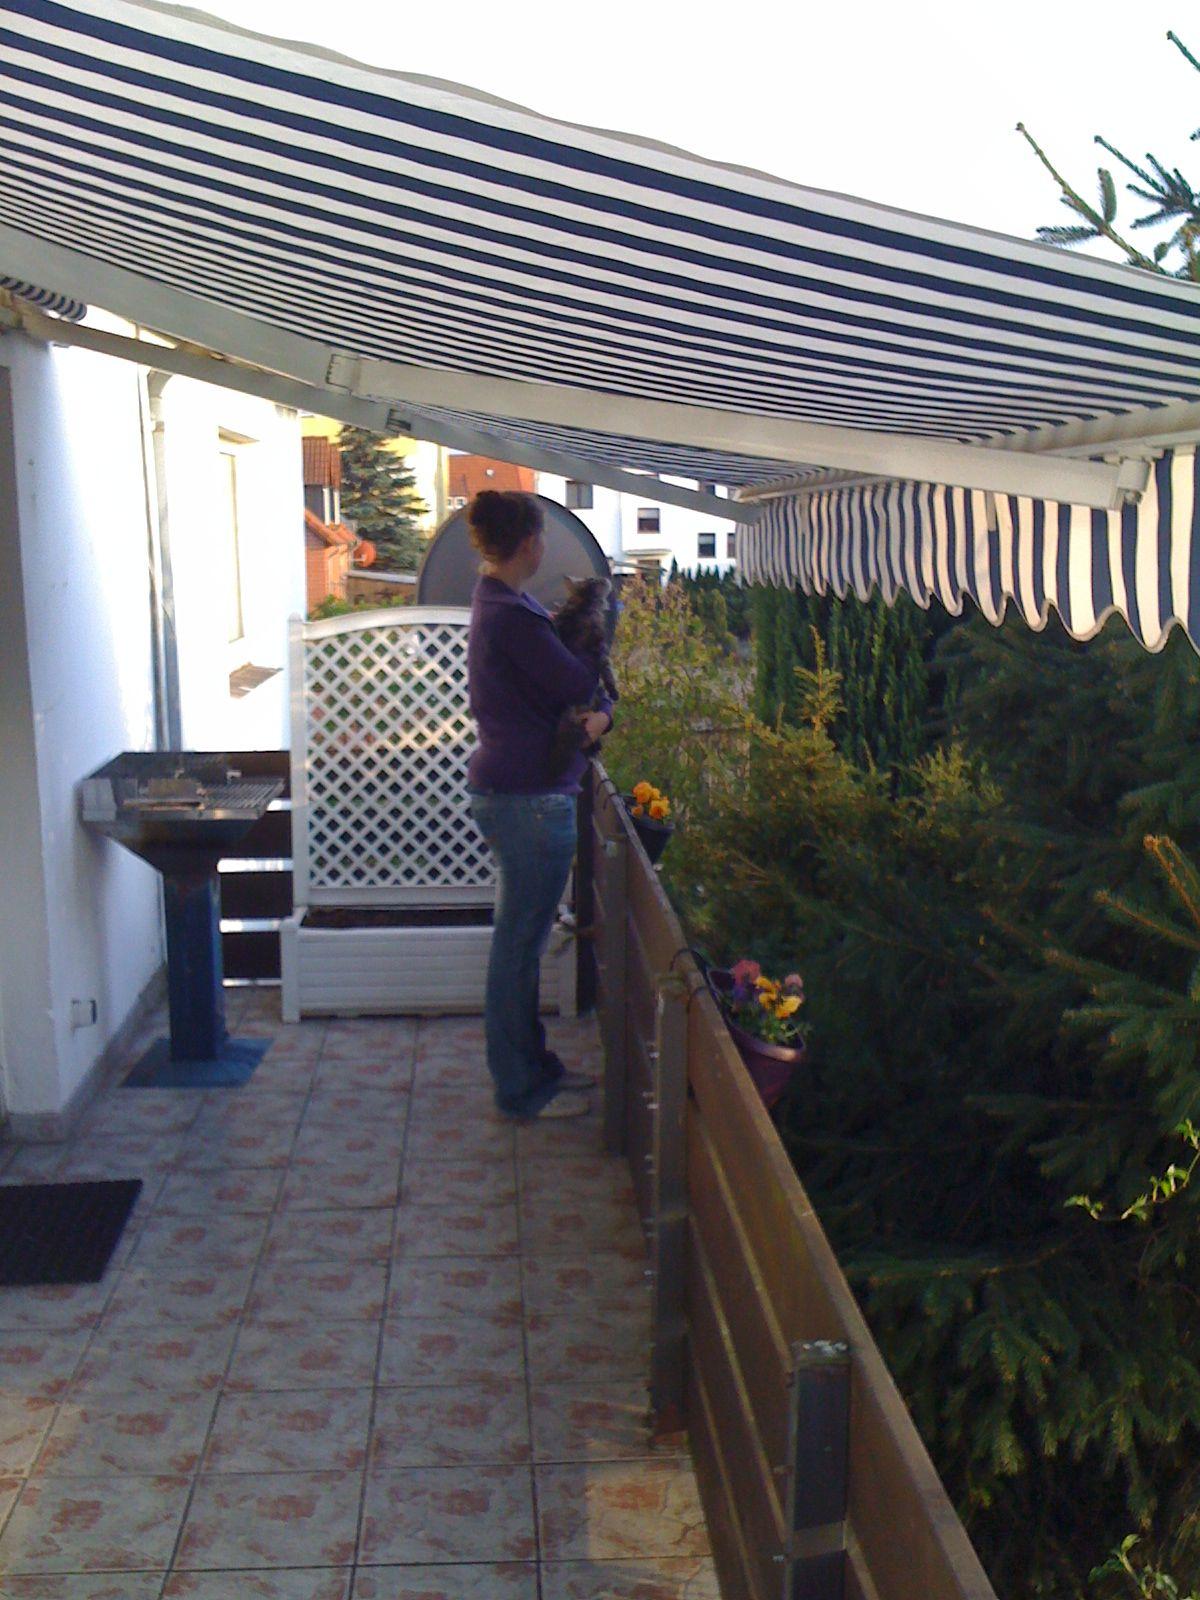 Katzennetz An Grossem Oben Offenen Balkon Selbst De Diy Forum